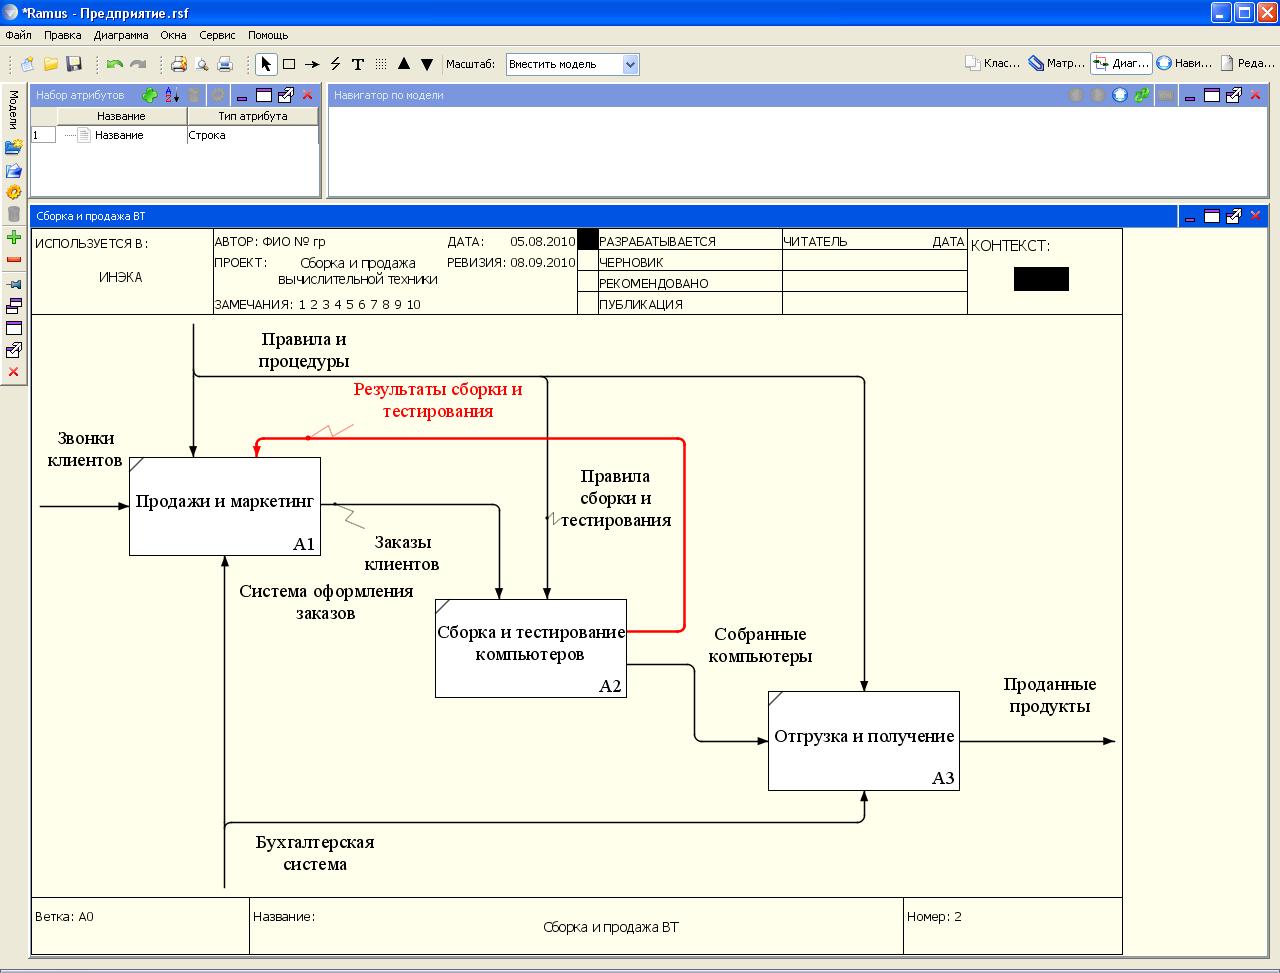 Лабораторная работа девушка модель информационной системы лабораторная работа изучение электродвигателя постоянного тока на модели